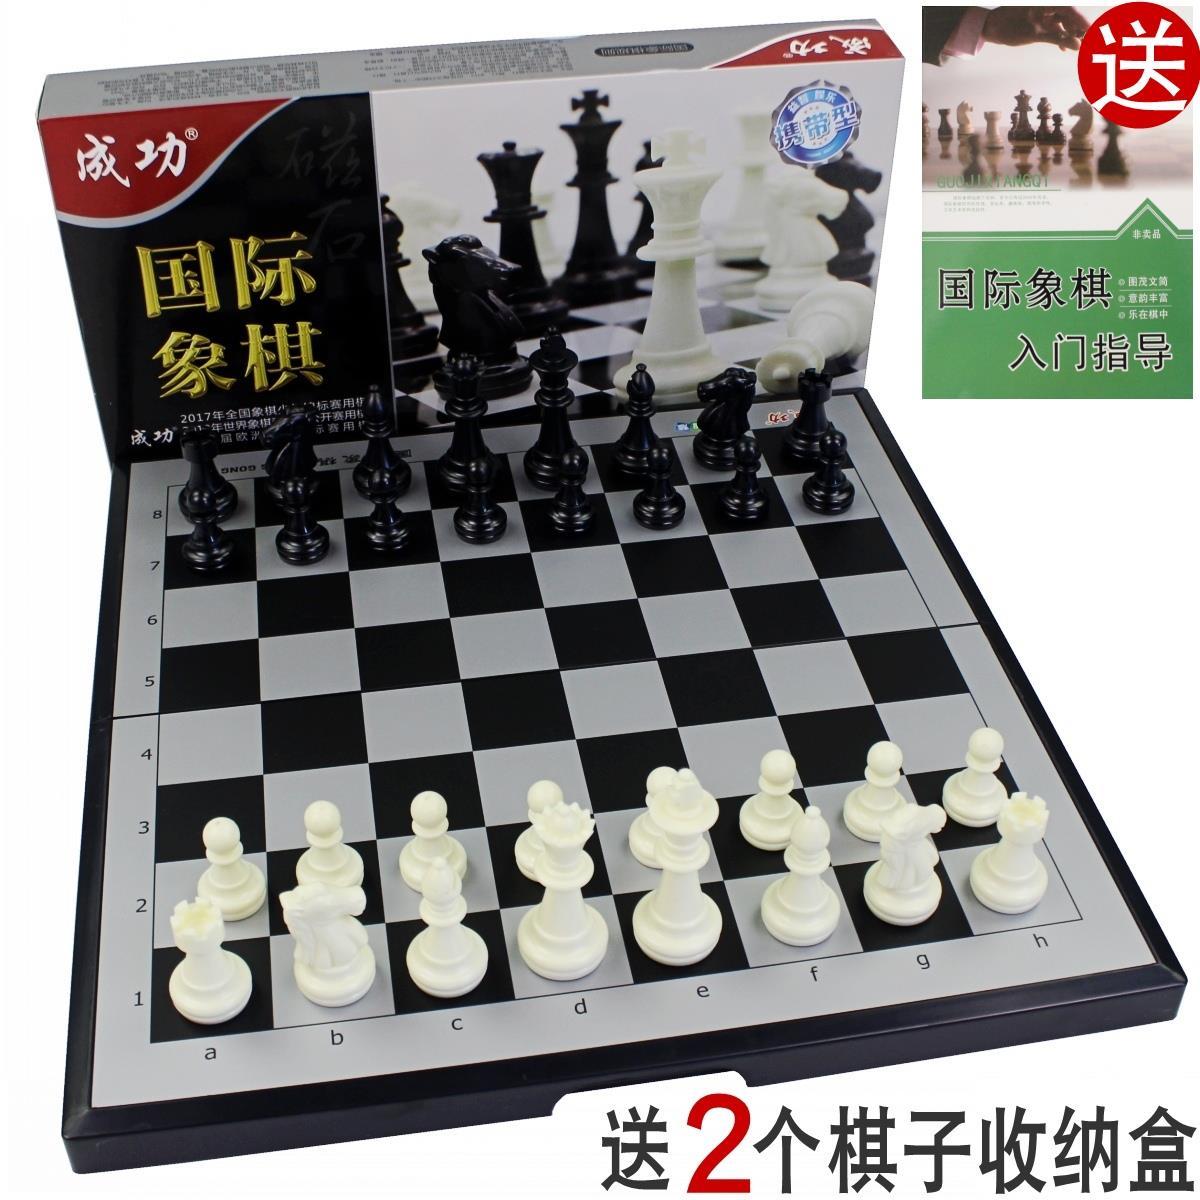 。震撼低价成功国际象棋带磁性折叠式棋盘套装成人儿童学生培训包